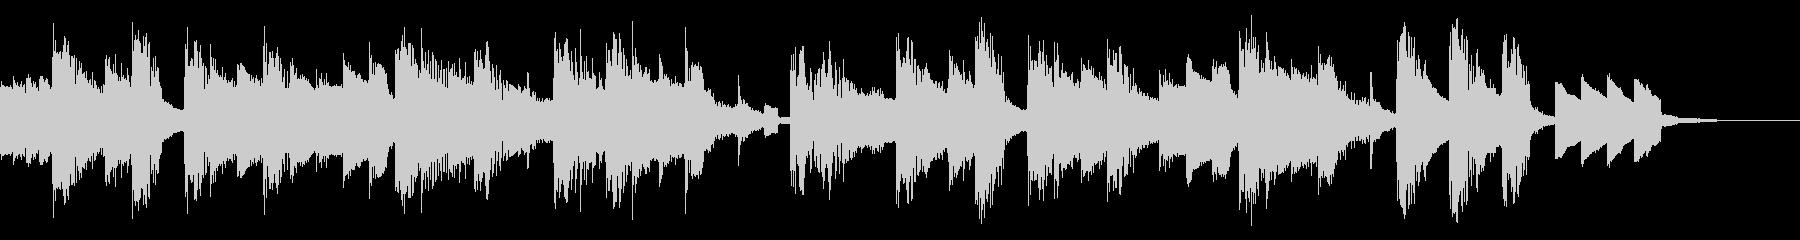 チップチューンのエンディングジングルの未再生の波形